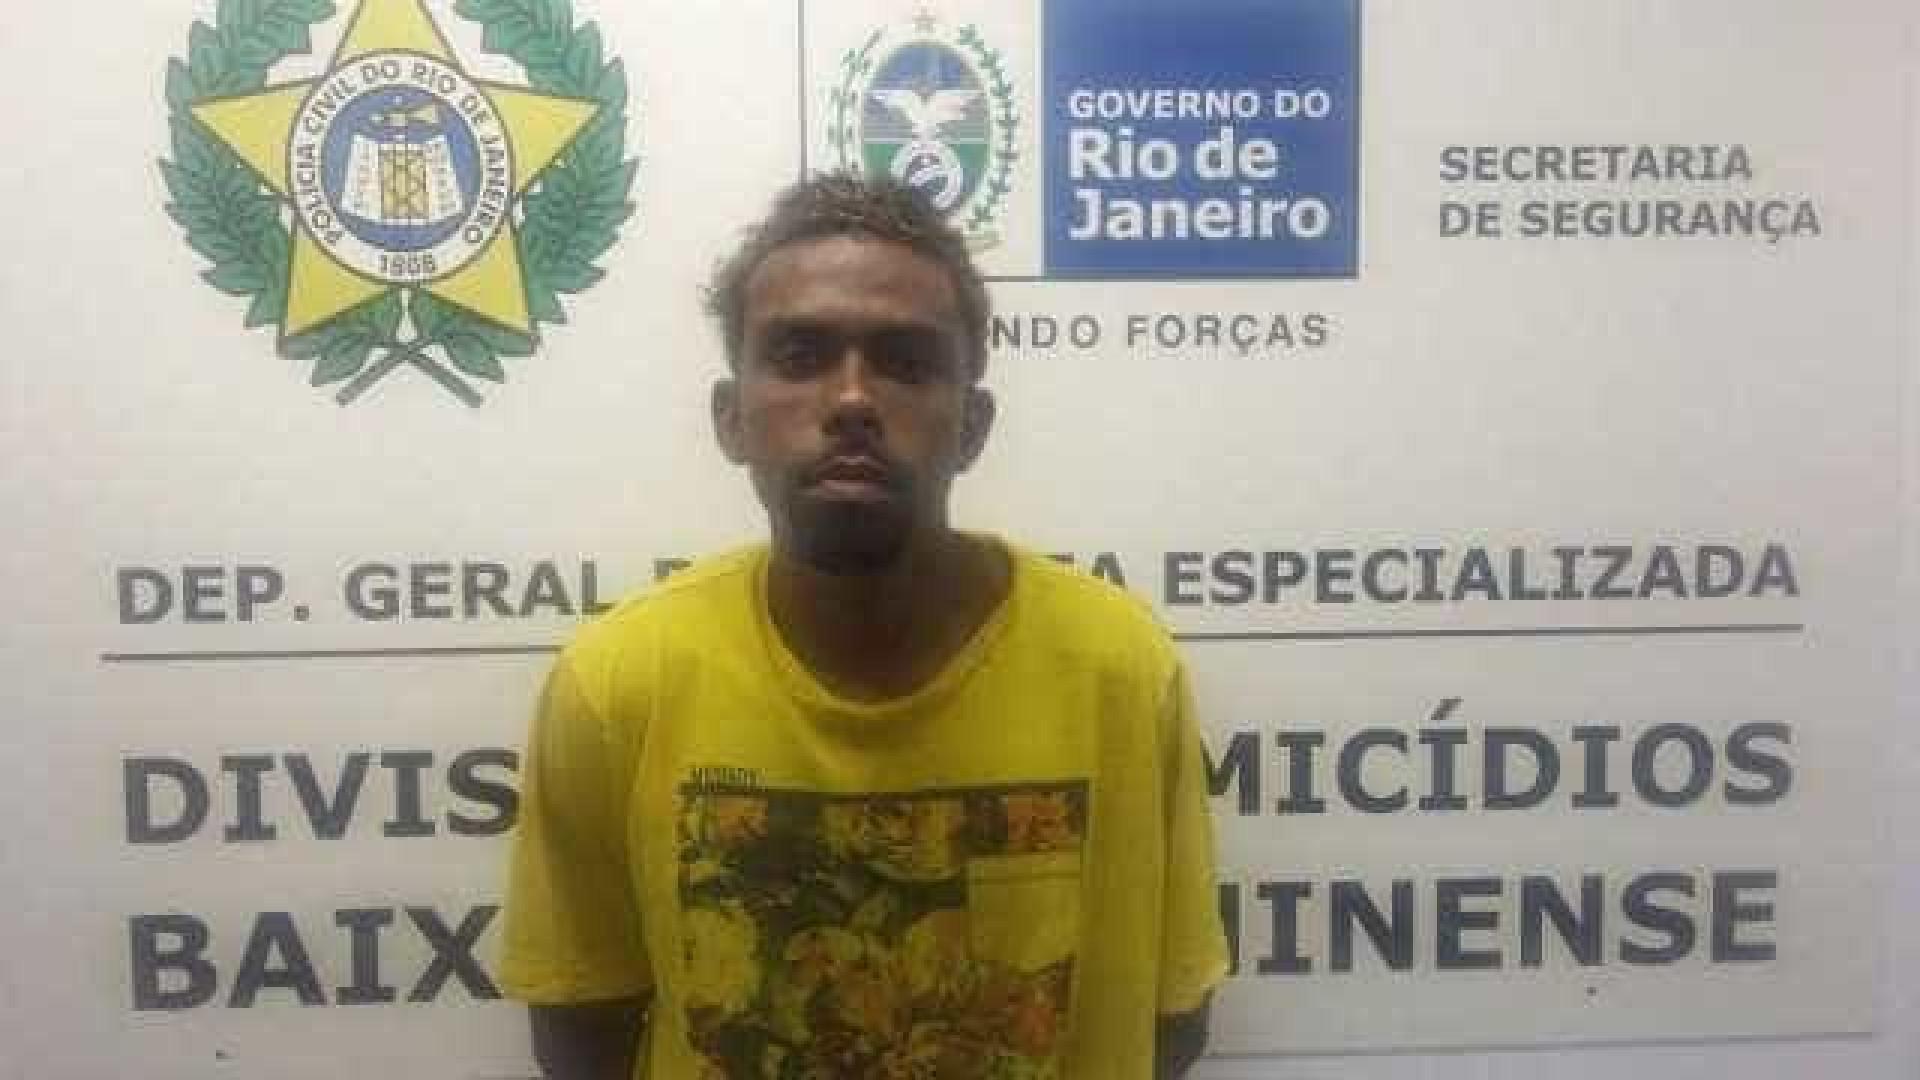 Padrasto mata criança de 2 anos após se irritar com choro no Rio